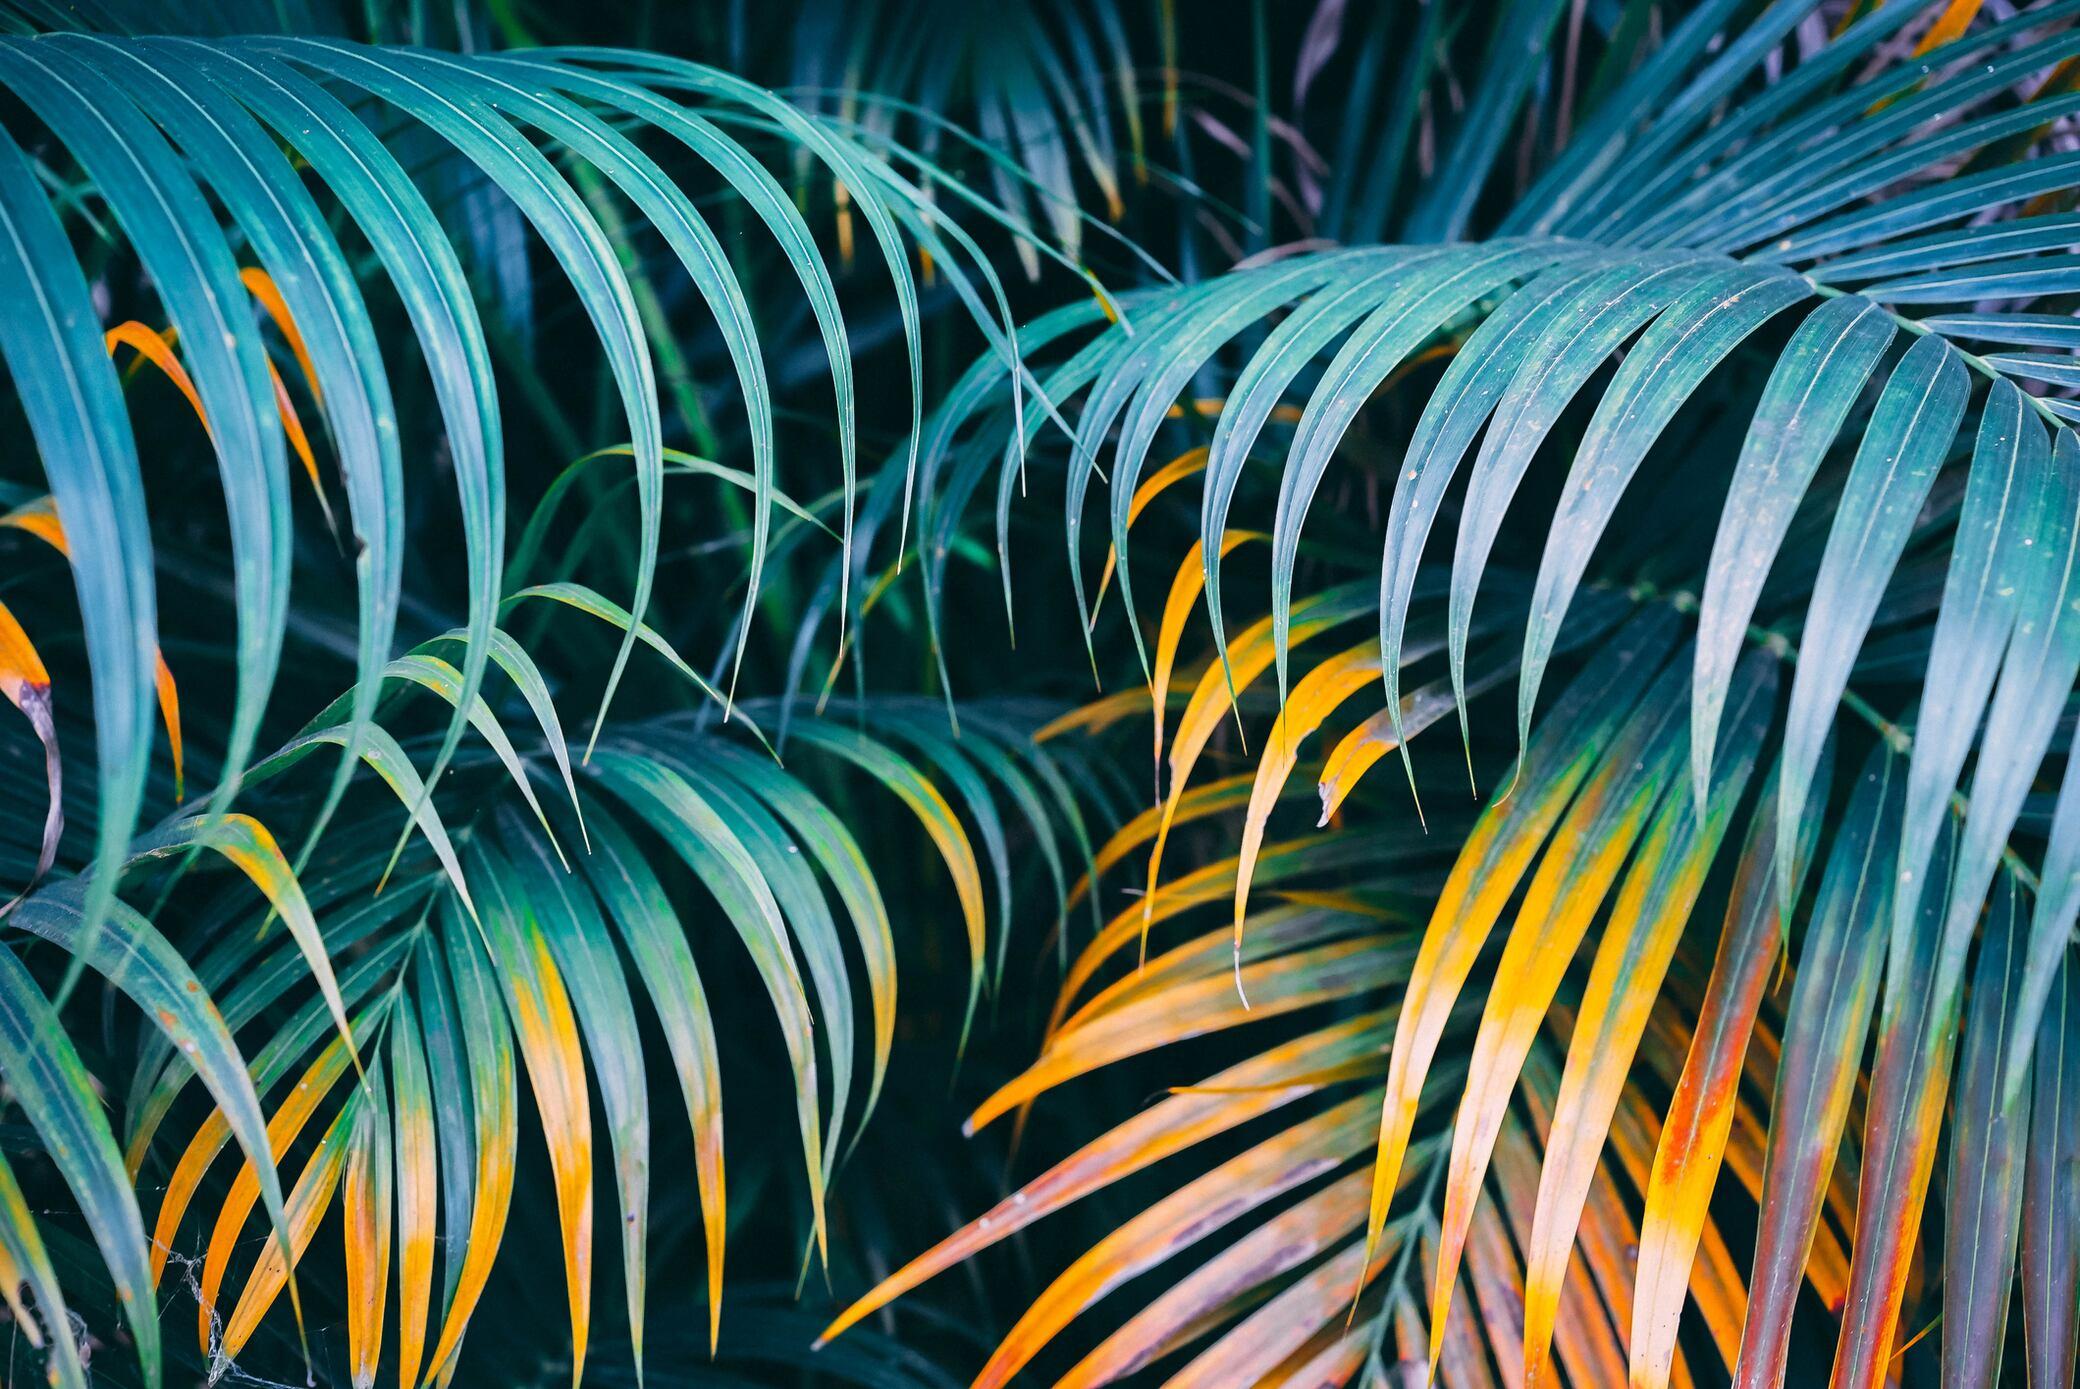 Mit Tapeten das Dschungel-Flair nach Hause holen